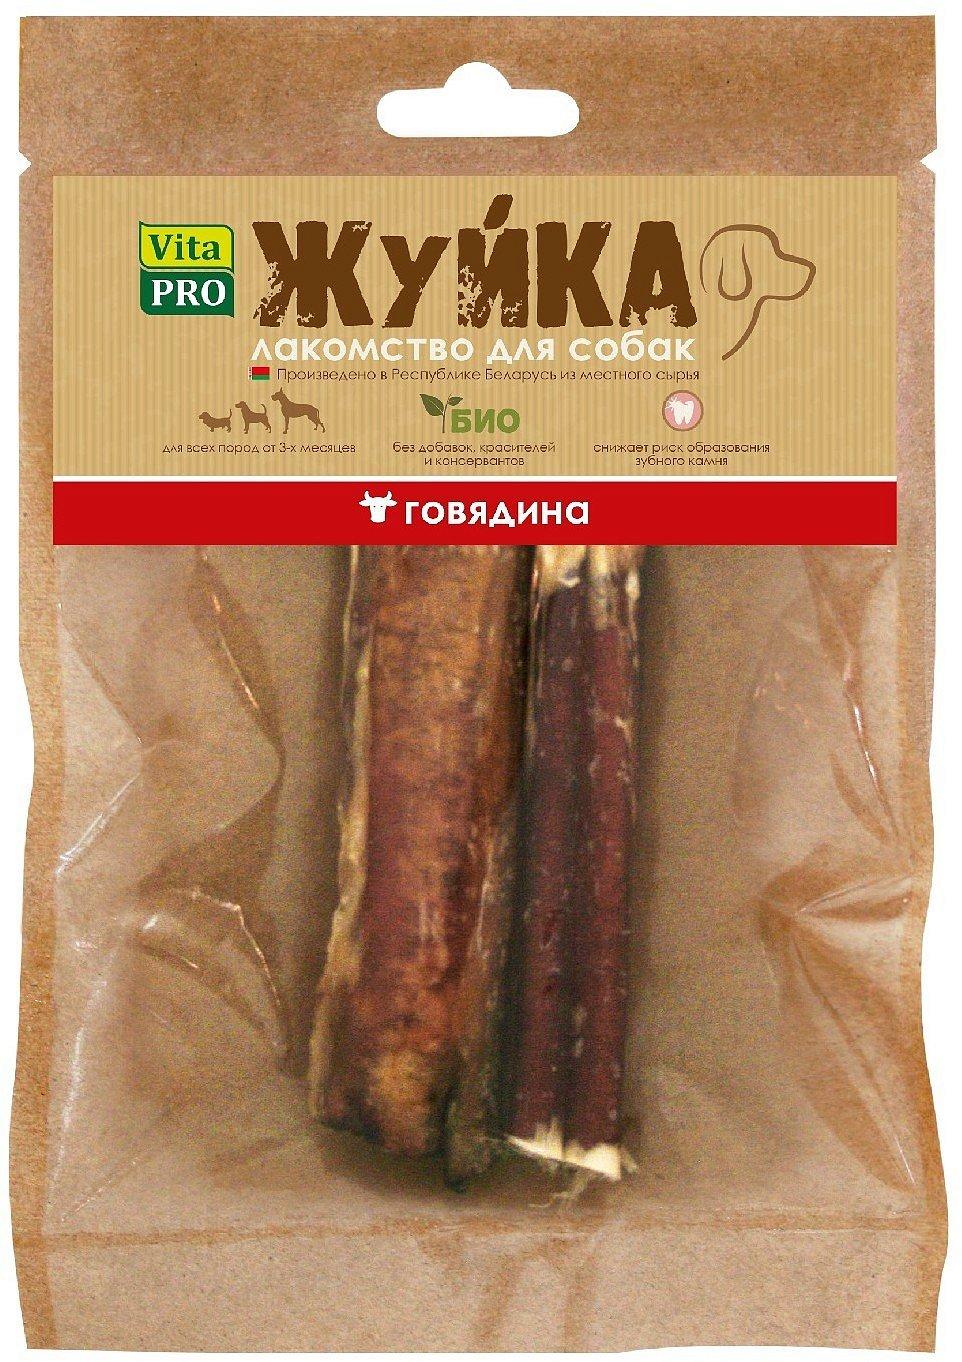 Вита Про Лакомство Жуйка для собак Корень бычий сушеный, в ассортименте, Vita Pro